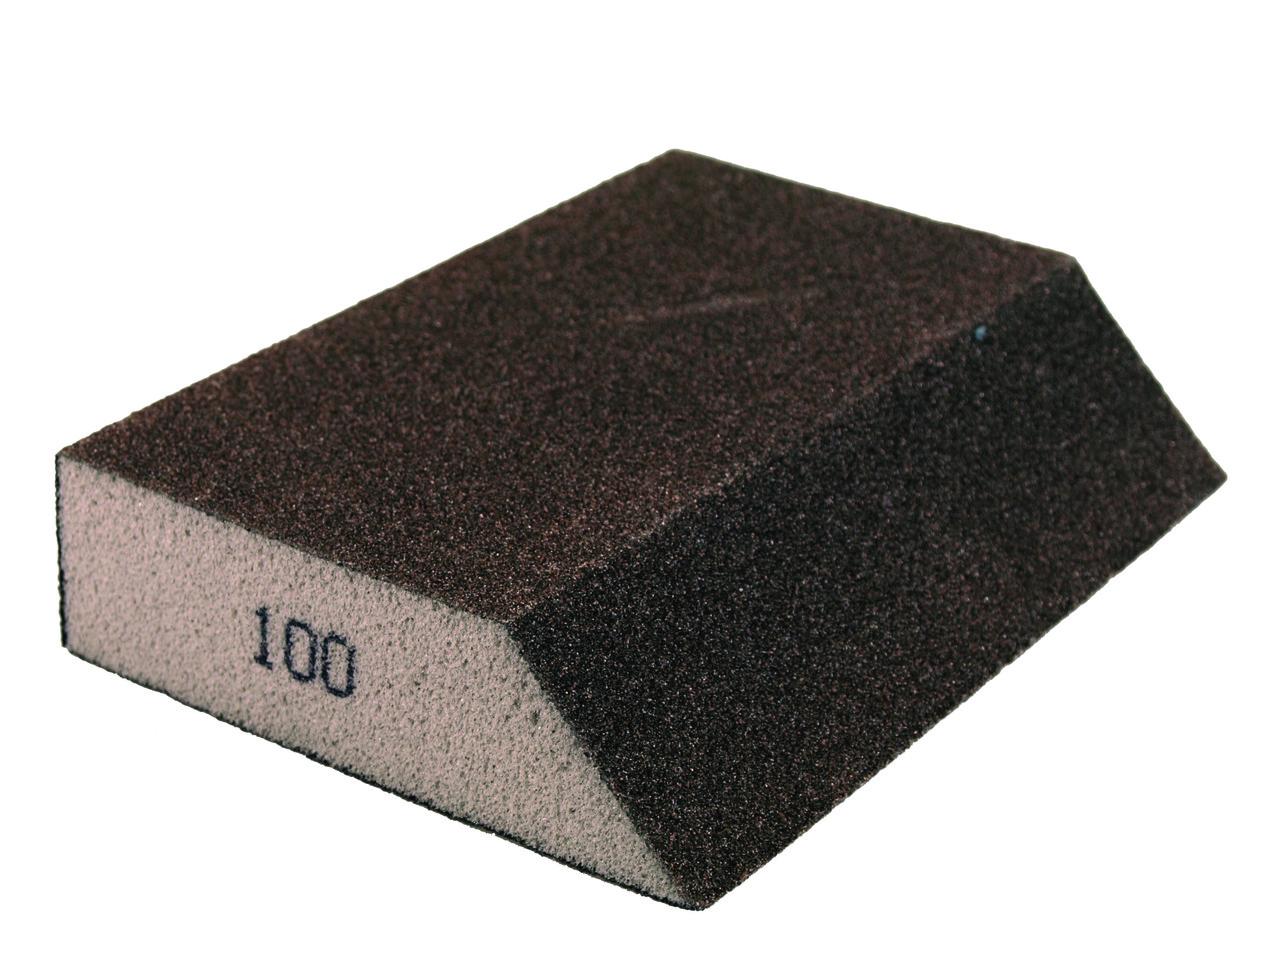 Брусок шліфувальний гострокутний 180 KLO1076 PAINTER   /100шт/